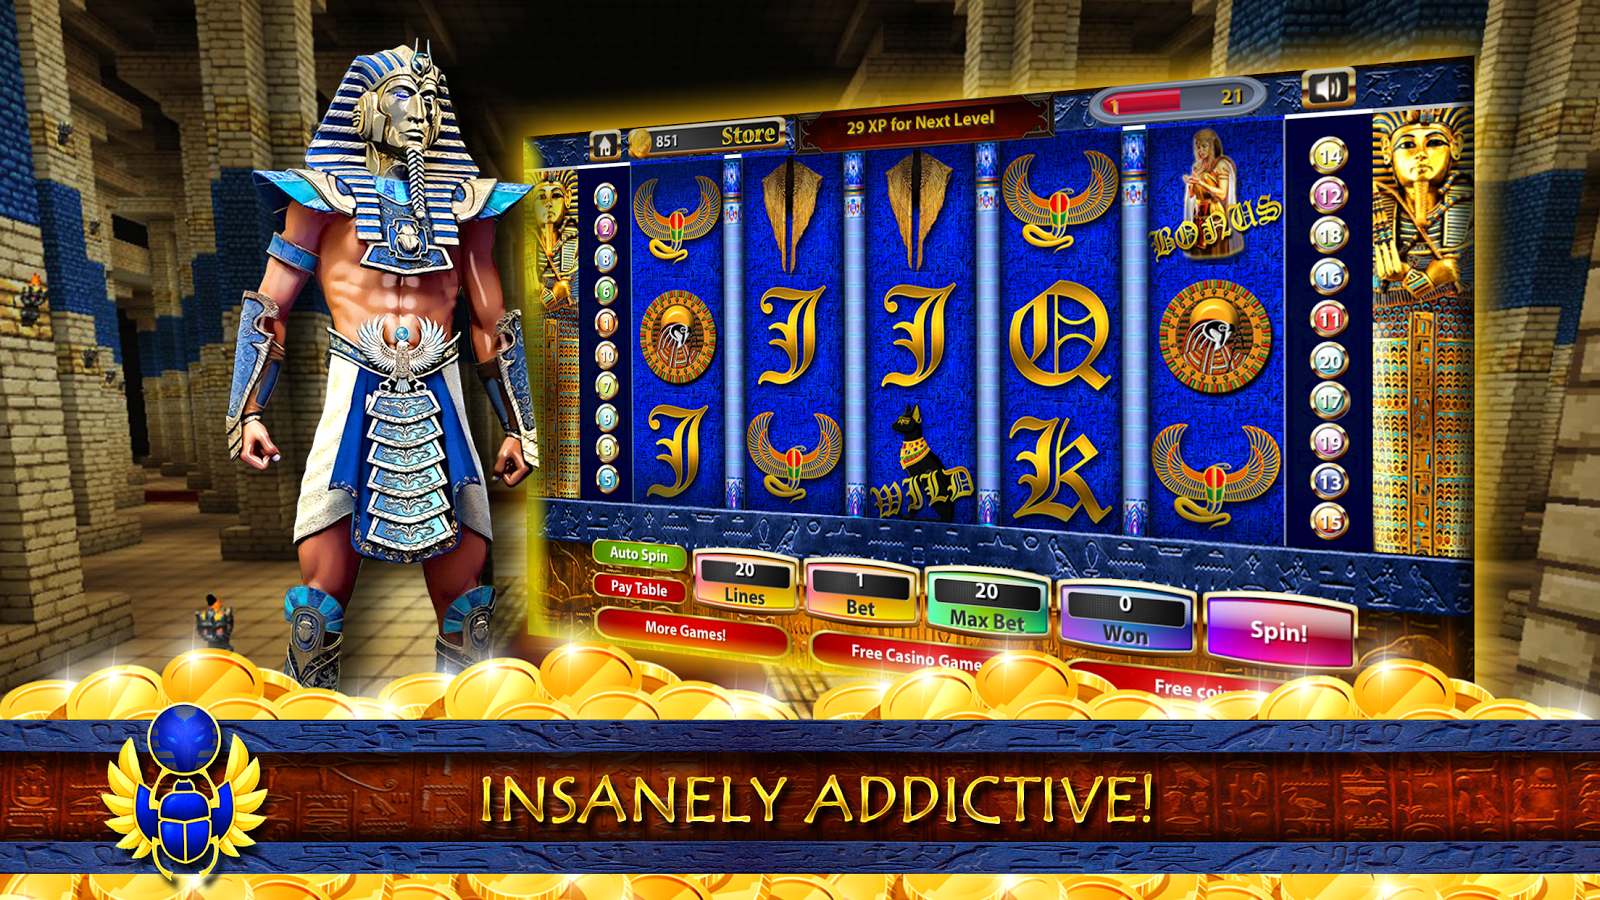 free play online slot machines cleopatra bilder